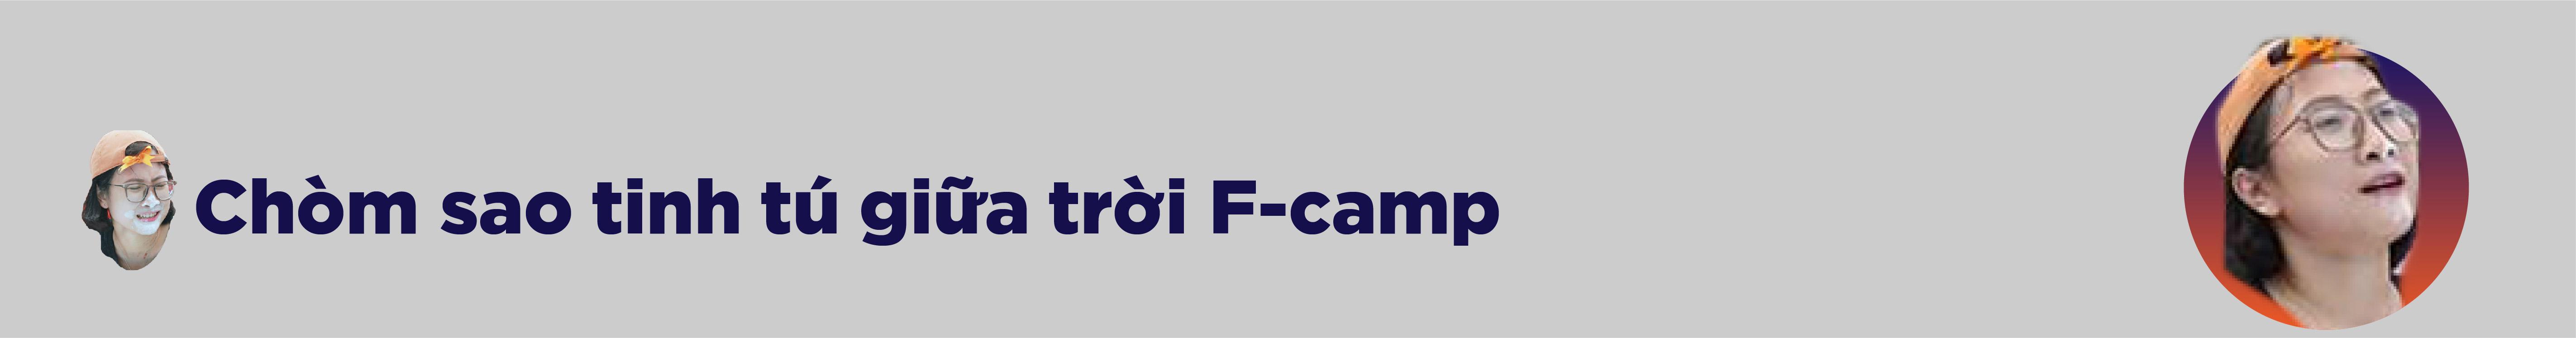 f-camp-dai-hoc-fpt